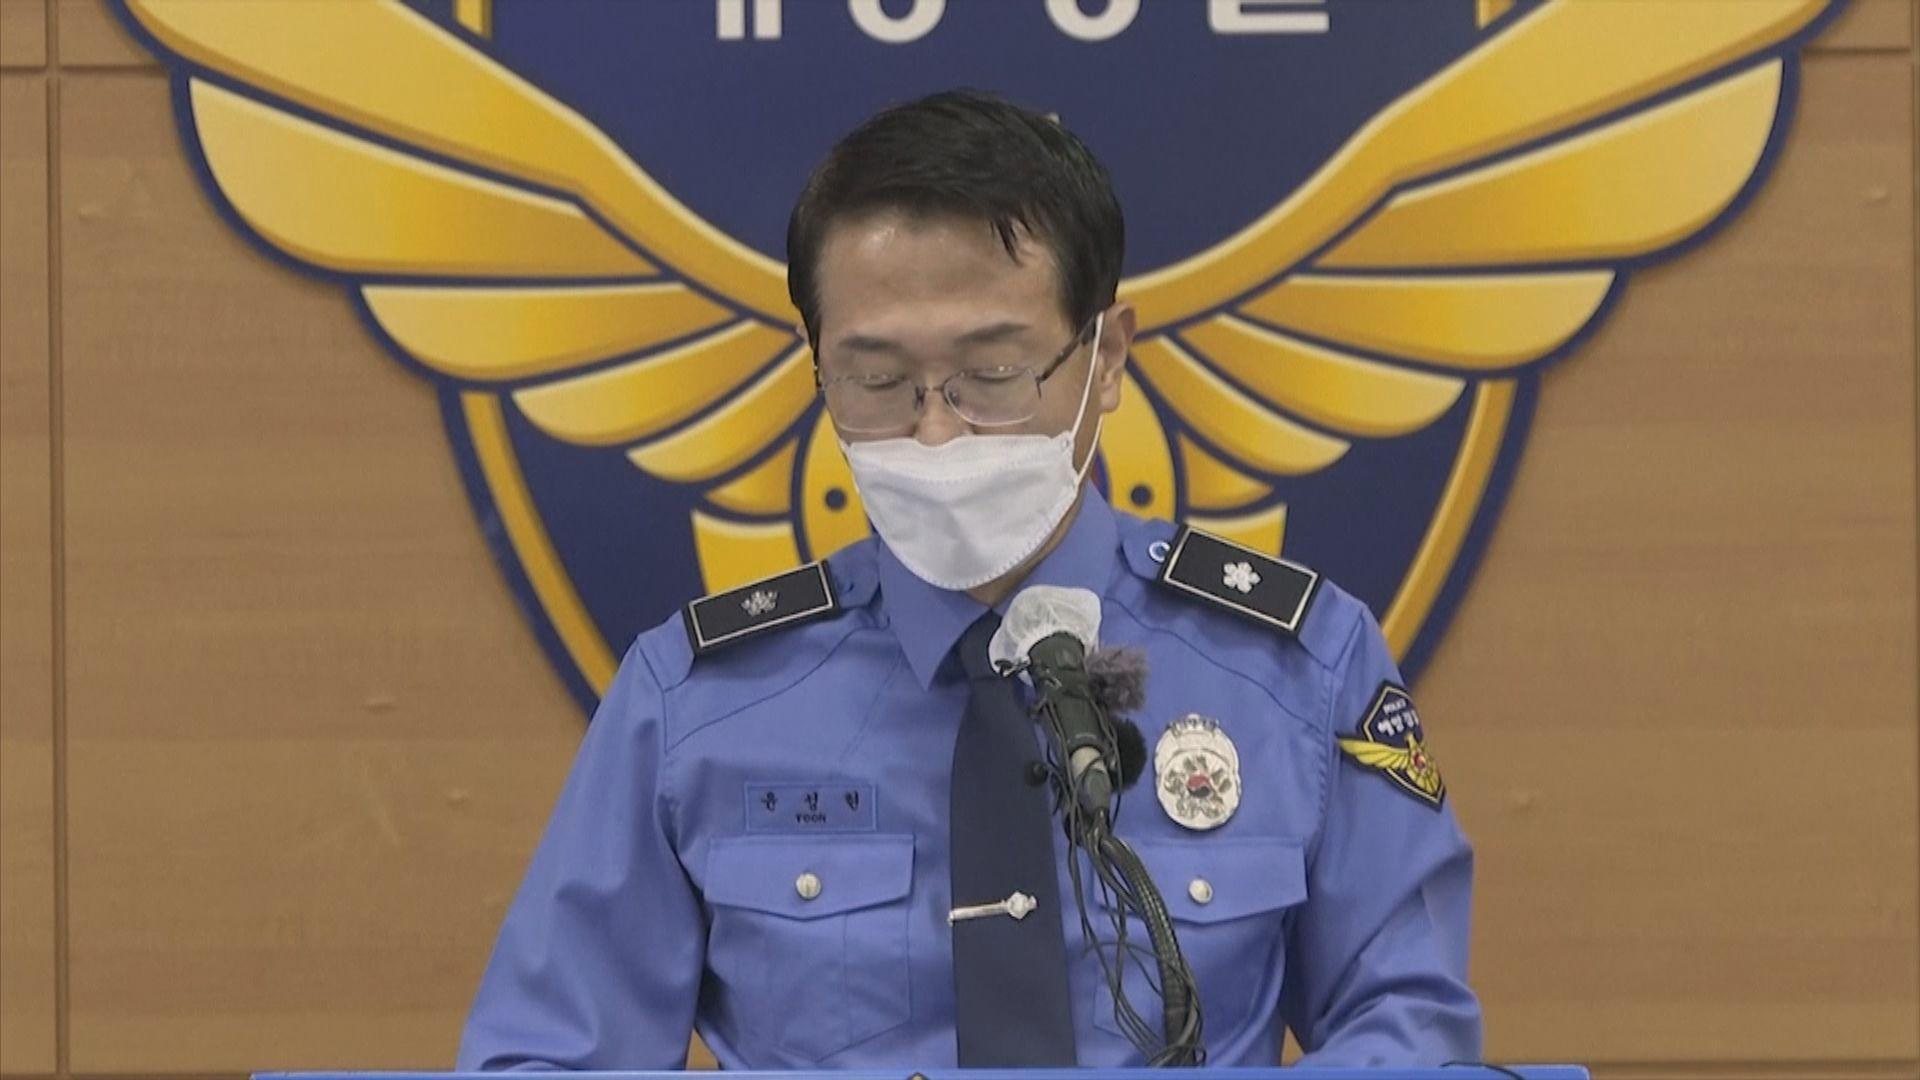 南韓海警認定被射殺公務員棄韓投朝 死者胞兄否定說法